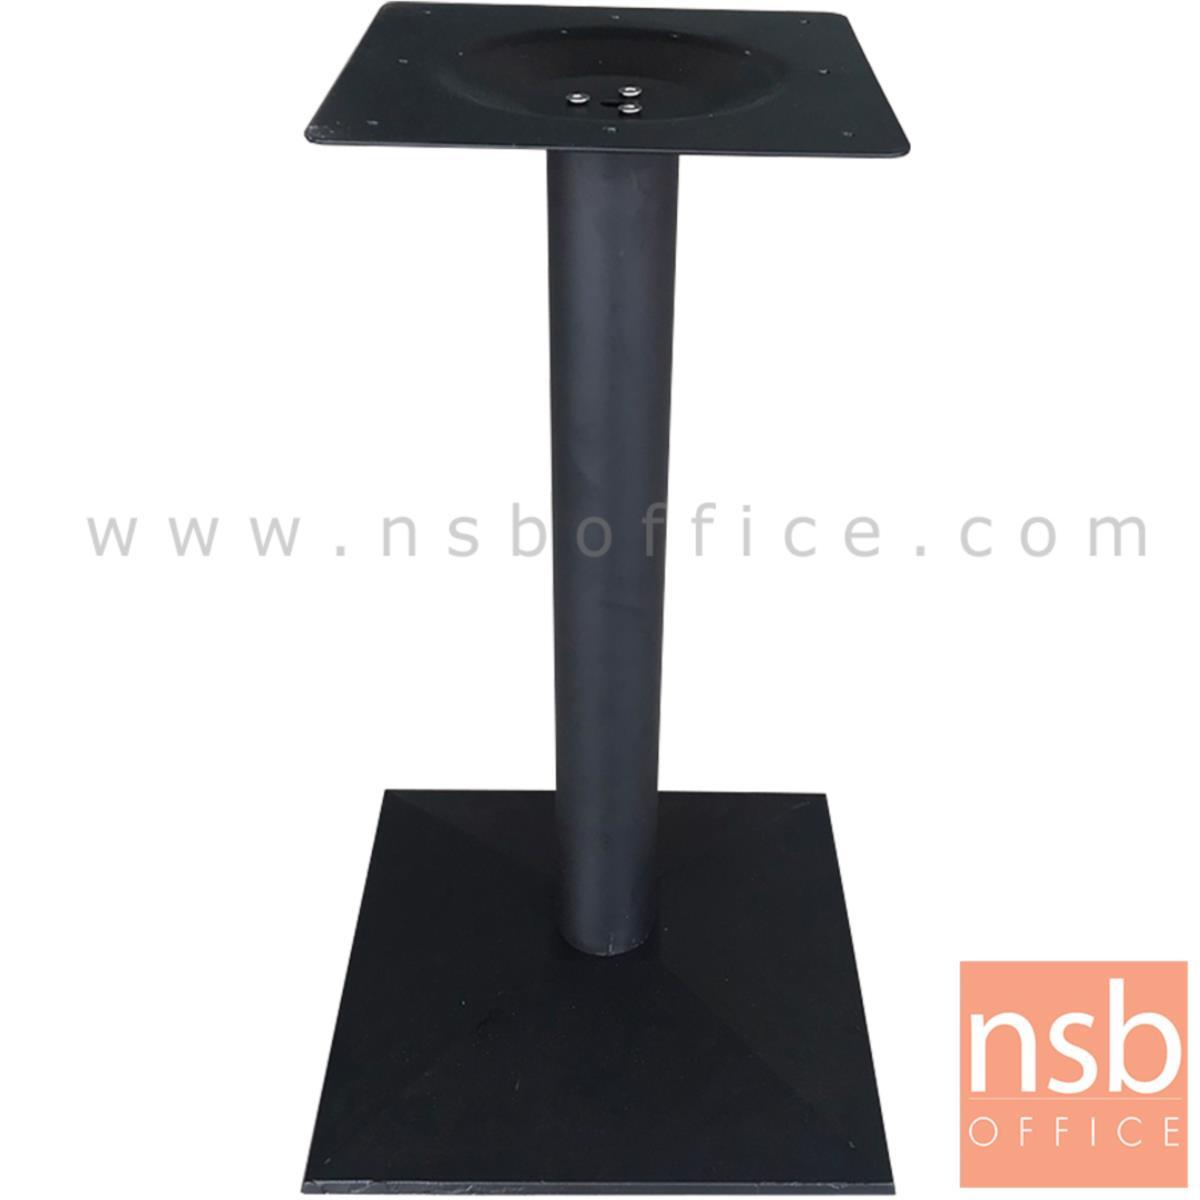 J02A005:ขาโต๊ะบาร์ทรงสี่เหลี่ยมปิรามิด สีดำ รุ่น PIRAMID